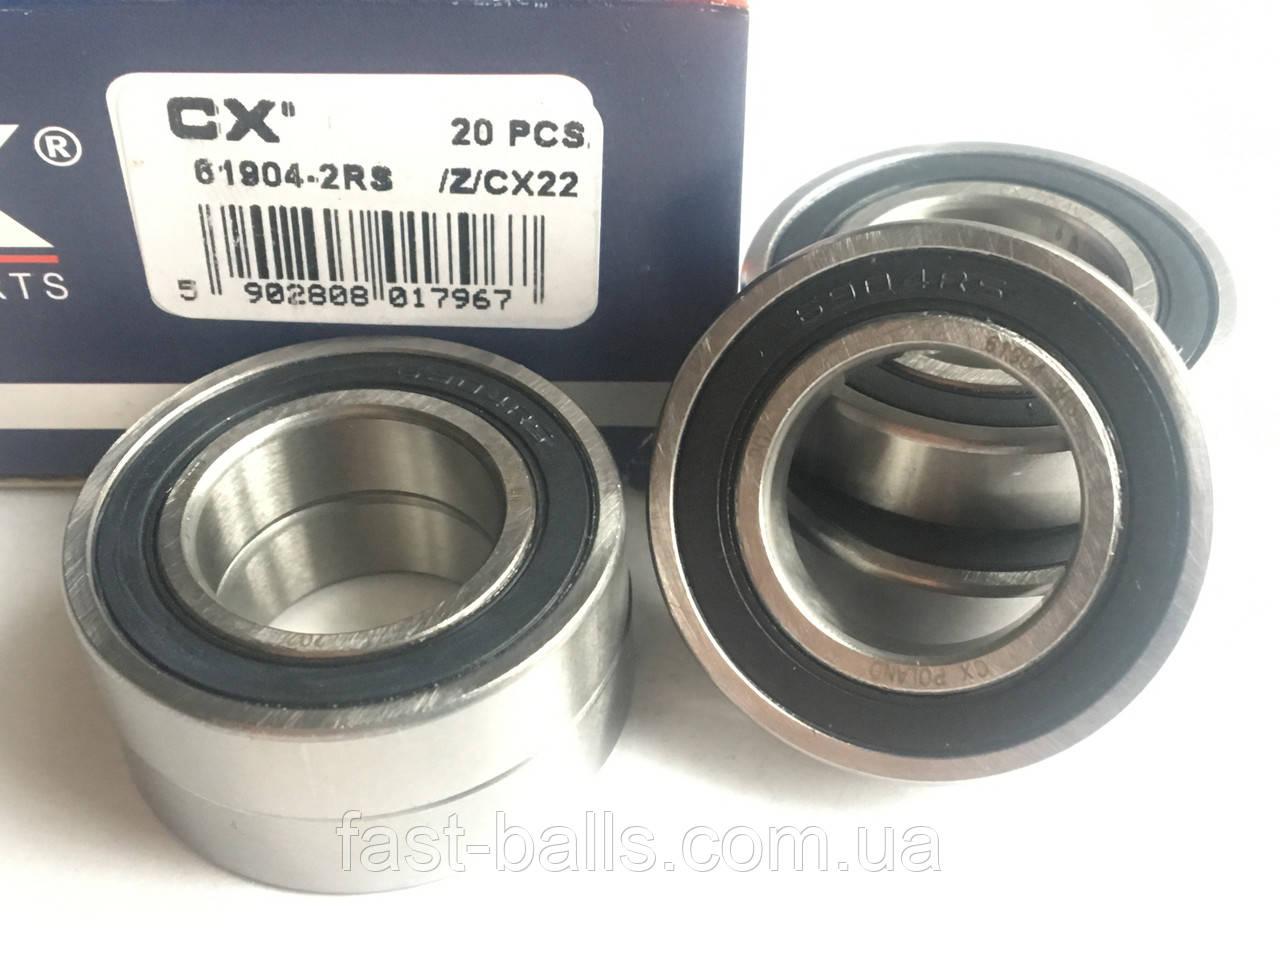 Подшипник CX 61904 2RS (20x37x9) однорядный